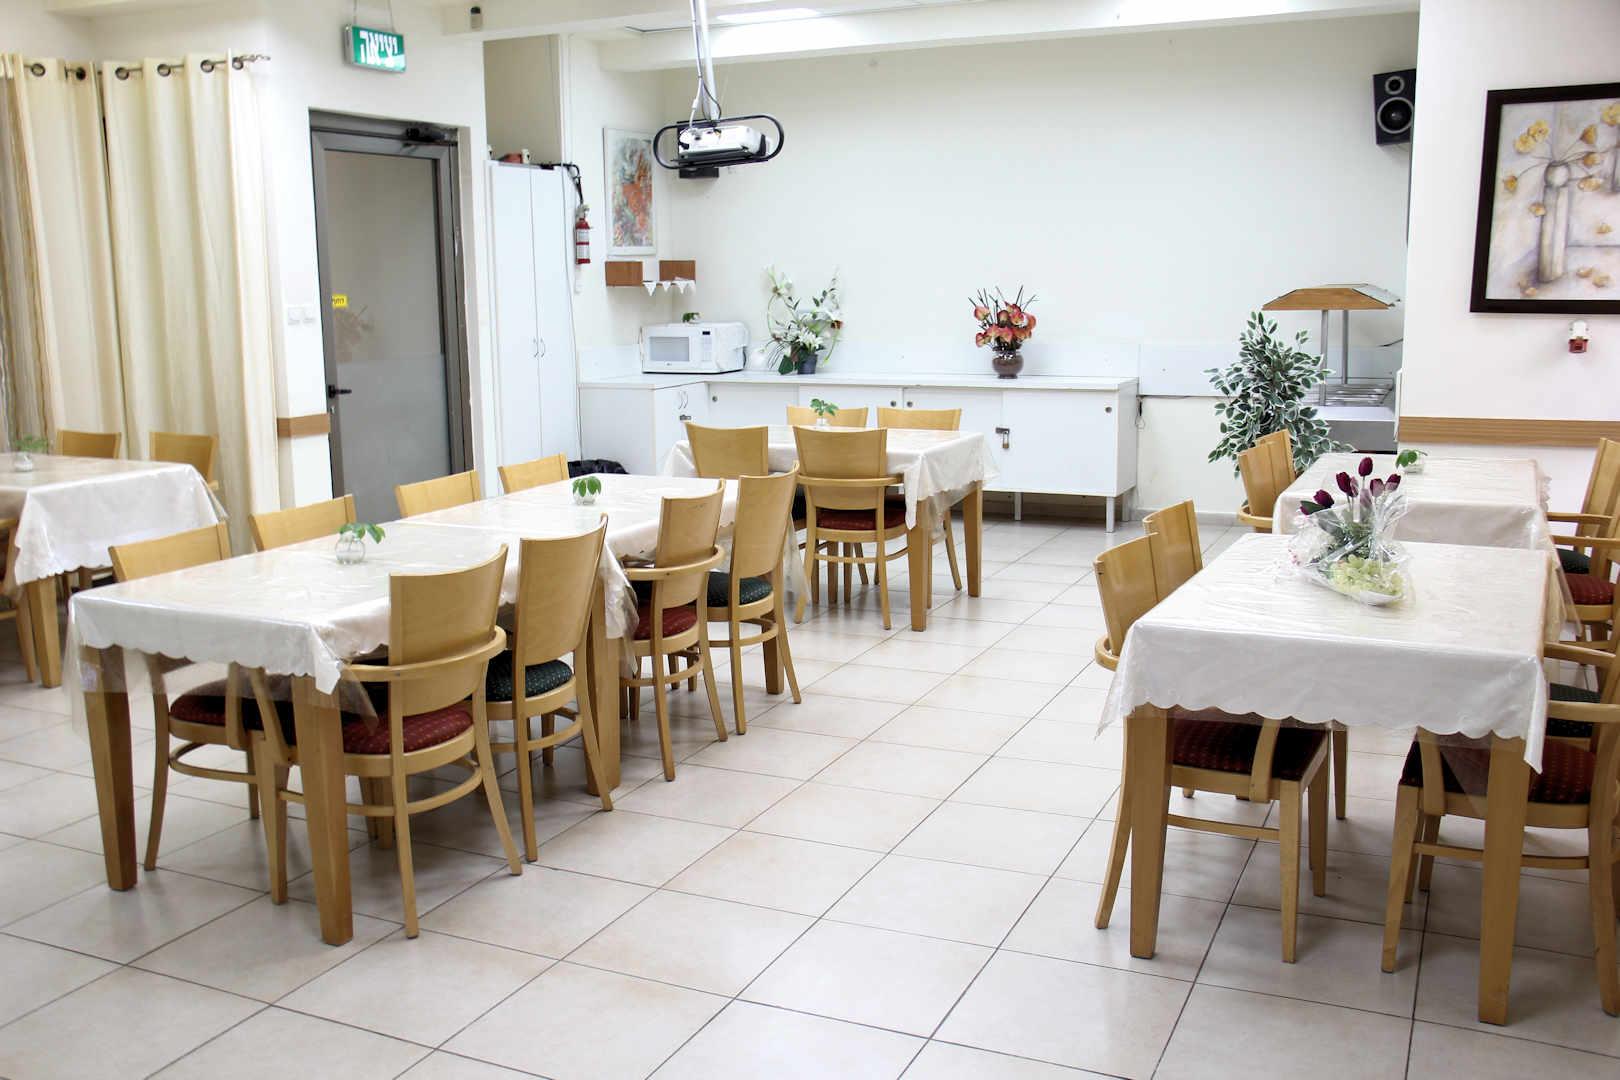 דיור מוגן נהריים חדר אוכל